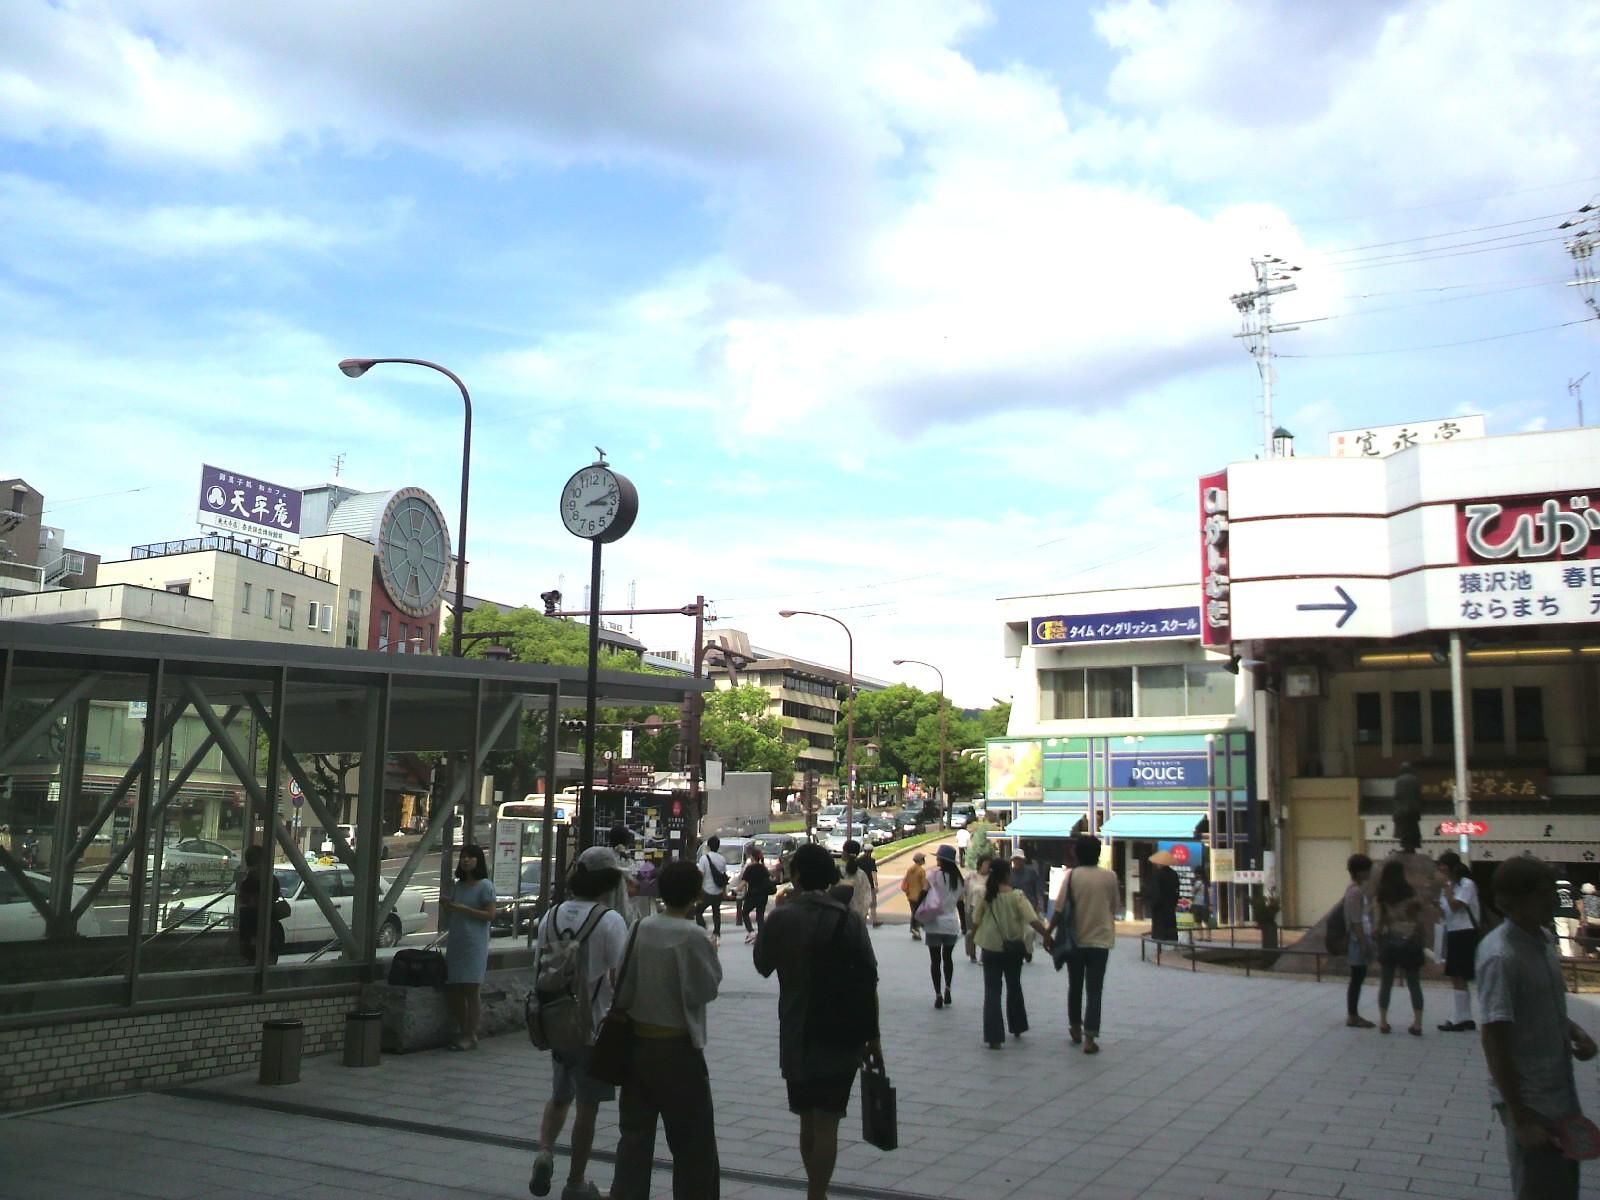 行基広場は伸びやかな大空がおもてなし